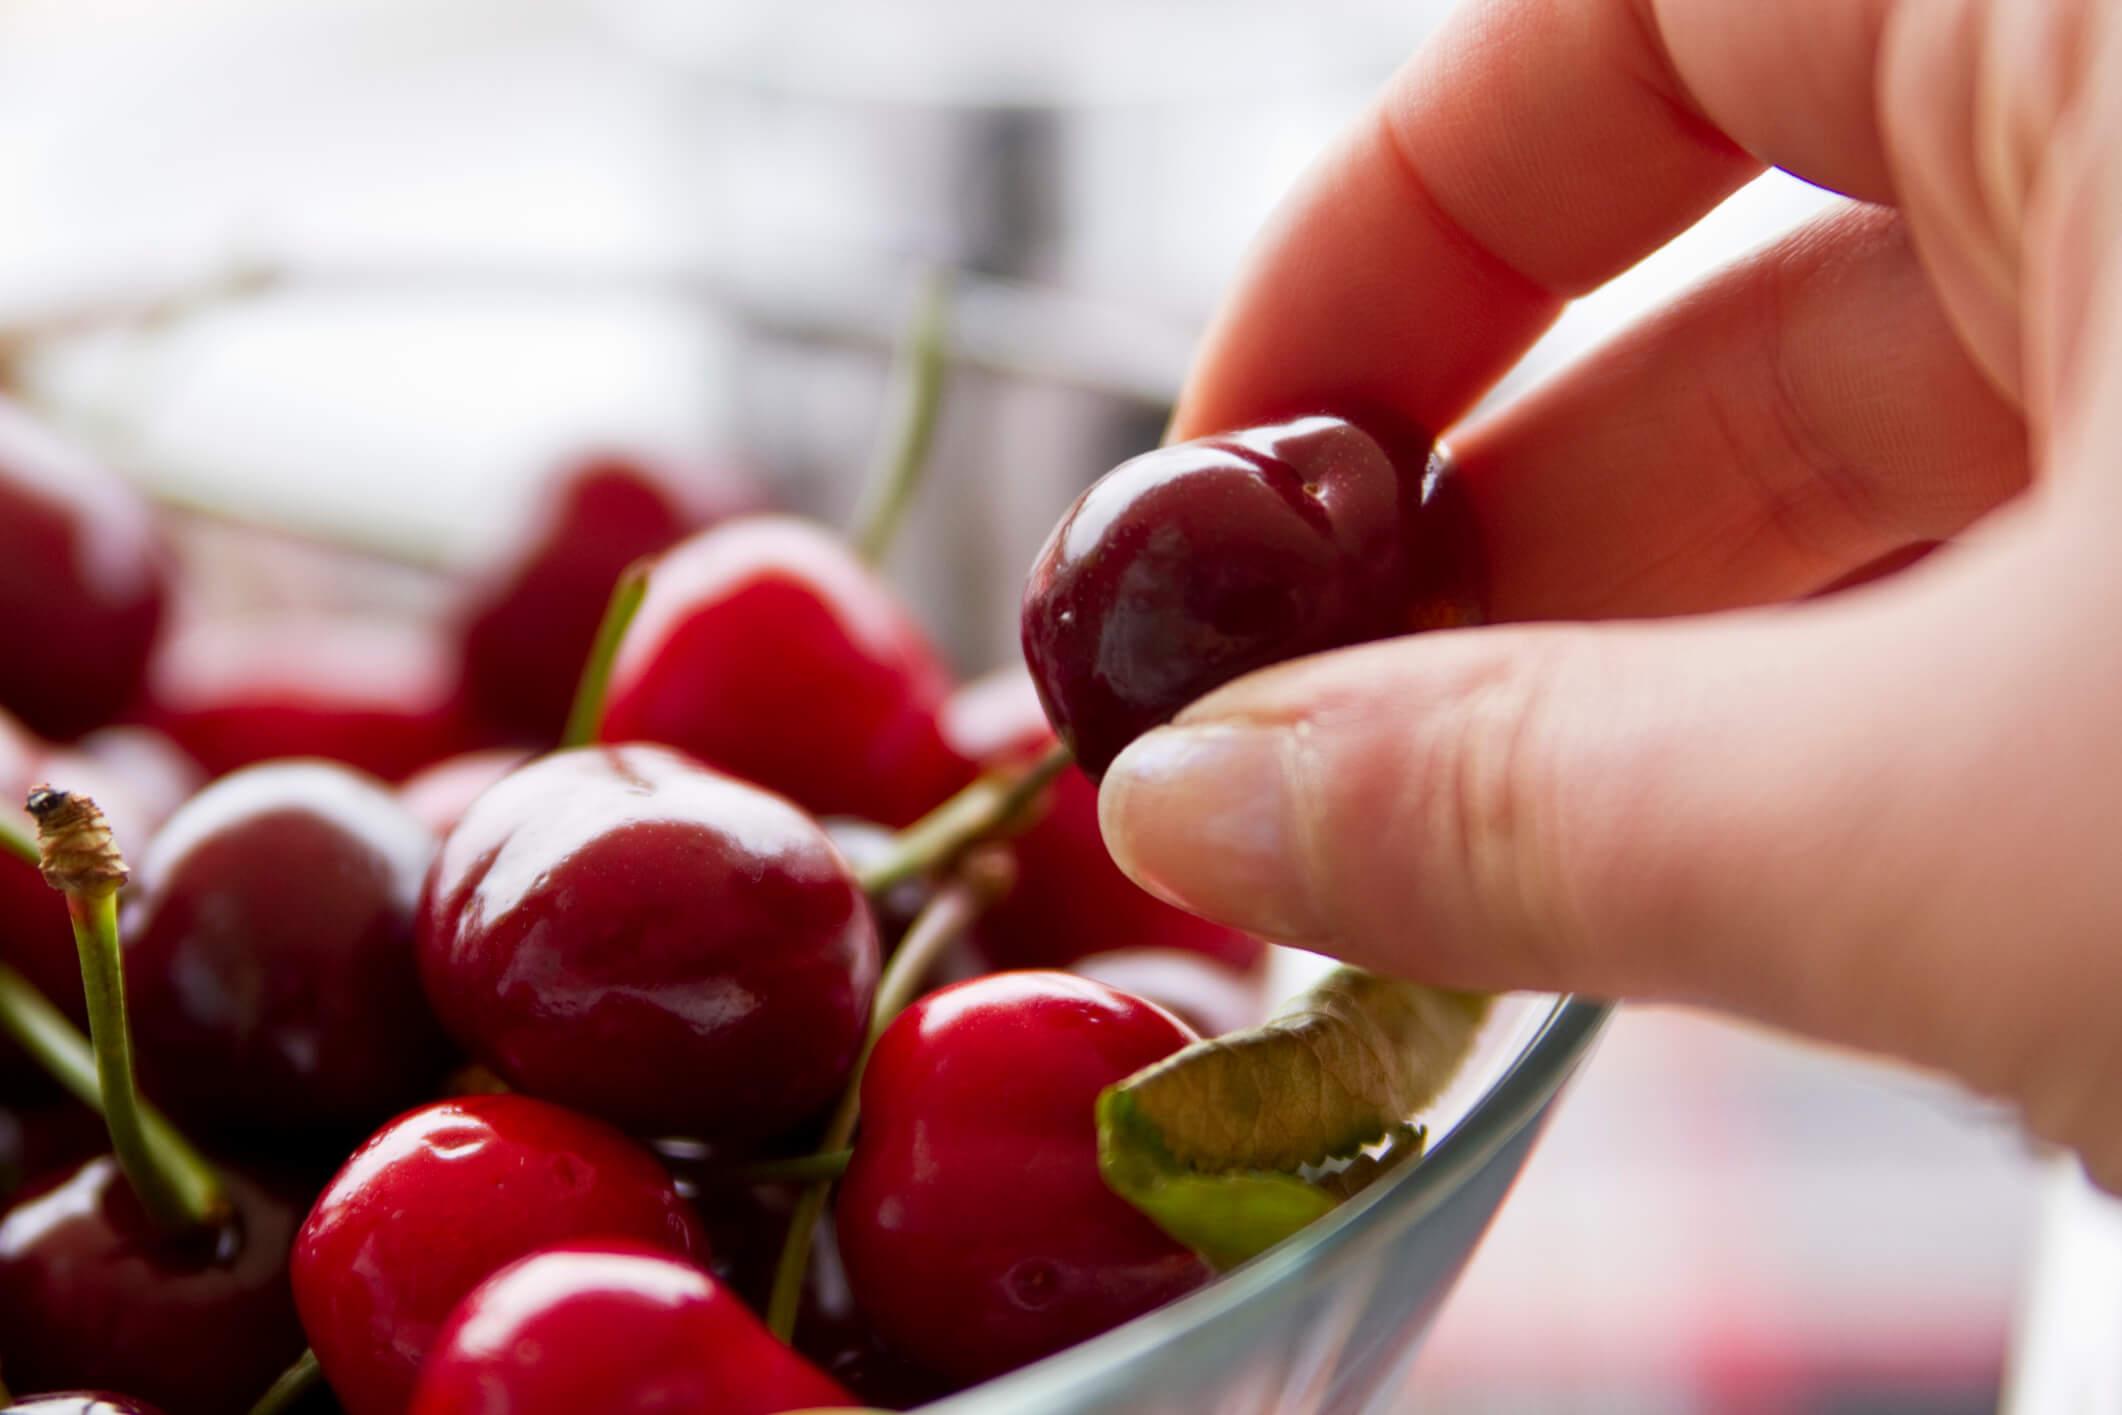 Cherry có chứa nhiều chất cần thiết cho cơ thể con người